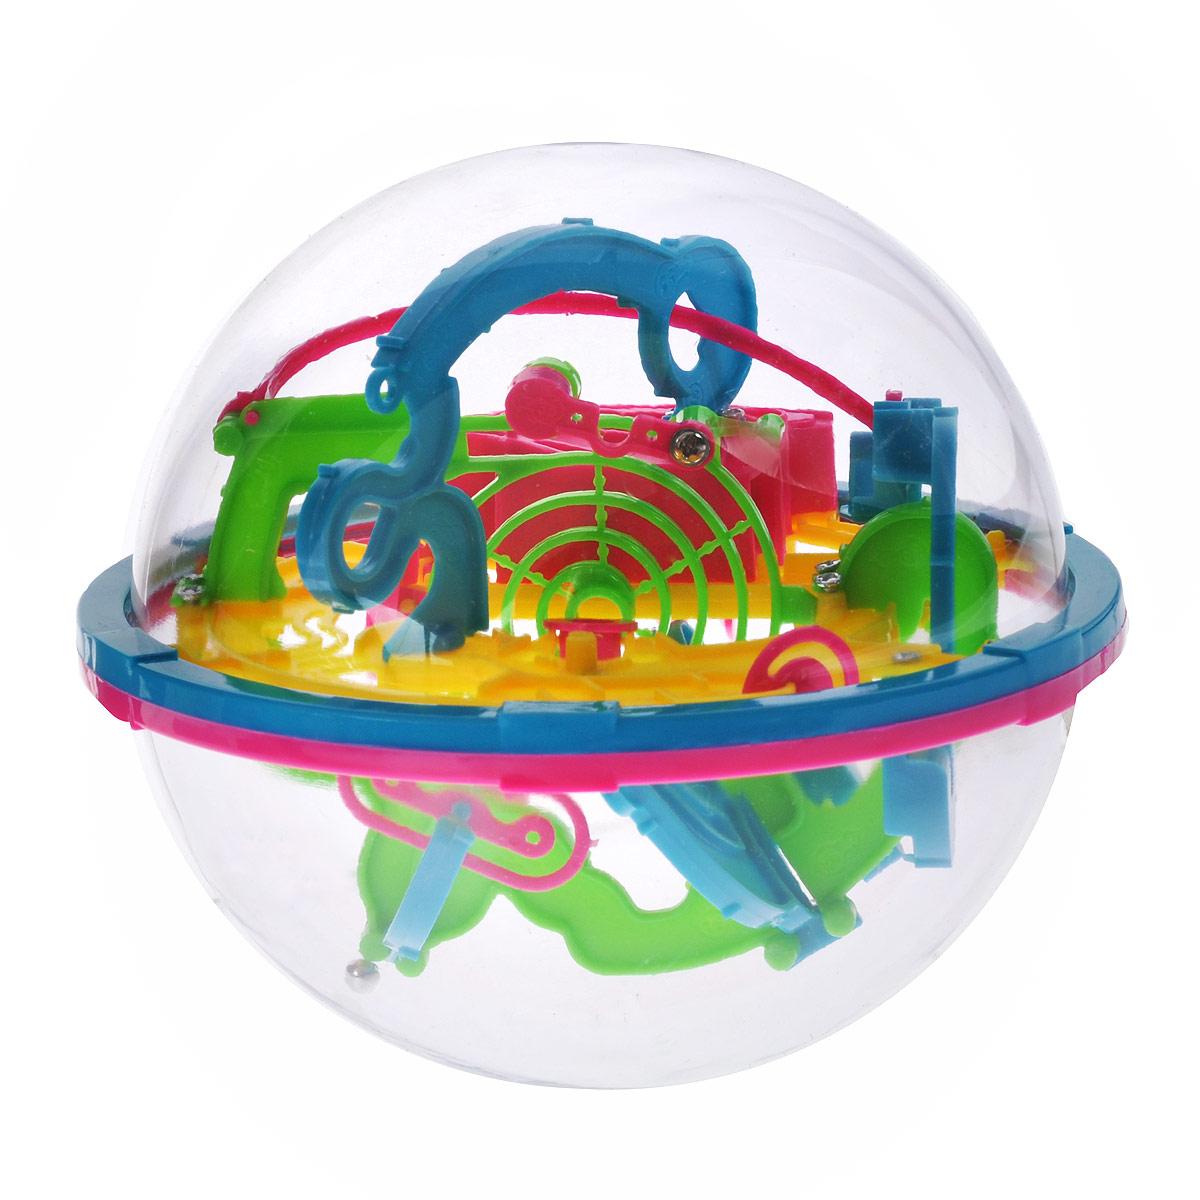 3D-головоломка Maze Ball, 100 барьеров, 13 смHF-929A3D-головоломка Maze Ball на 100 барьеров выполнена в ярких цветах в виде мяча-головоломки, который заинтересует внимание не только ребенка, но и взрослого. Задача заключается в том, чтобы поворачивая сферу, заставить шарик внутри нее двигаться вперед по желобам в порядке нумерации. Нужно добраться до финиша за максимально короткое время. 3D-головоломка Maze Ball помогает развить навыки работы с объектами, логическое мышление, чувство равновесия и восприятие пространства. Спокойствие - главный залог выигрыша. Не теряйте терпения, иначе никогда не добьетесь результата. Используйте ваше пространственное воображение на 100% и внимательно изучайте характеристики каждого барьера. Изменяйте положение интеллектуального шара, чтобы внутренний шарик всегда оставался на горизонтальной поверхности. Так вы шаг за шагом будете продвигаться к победе.